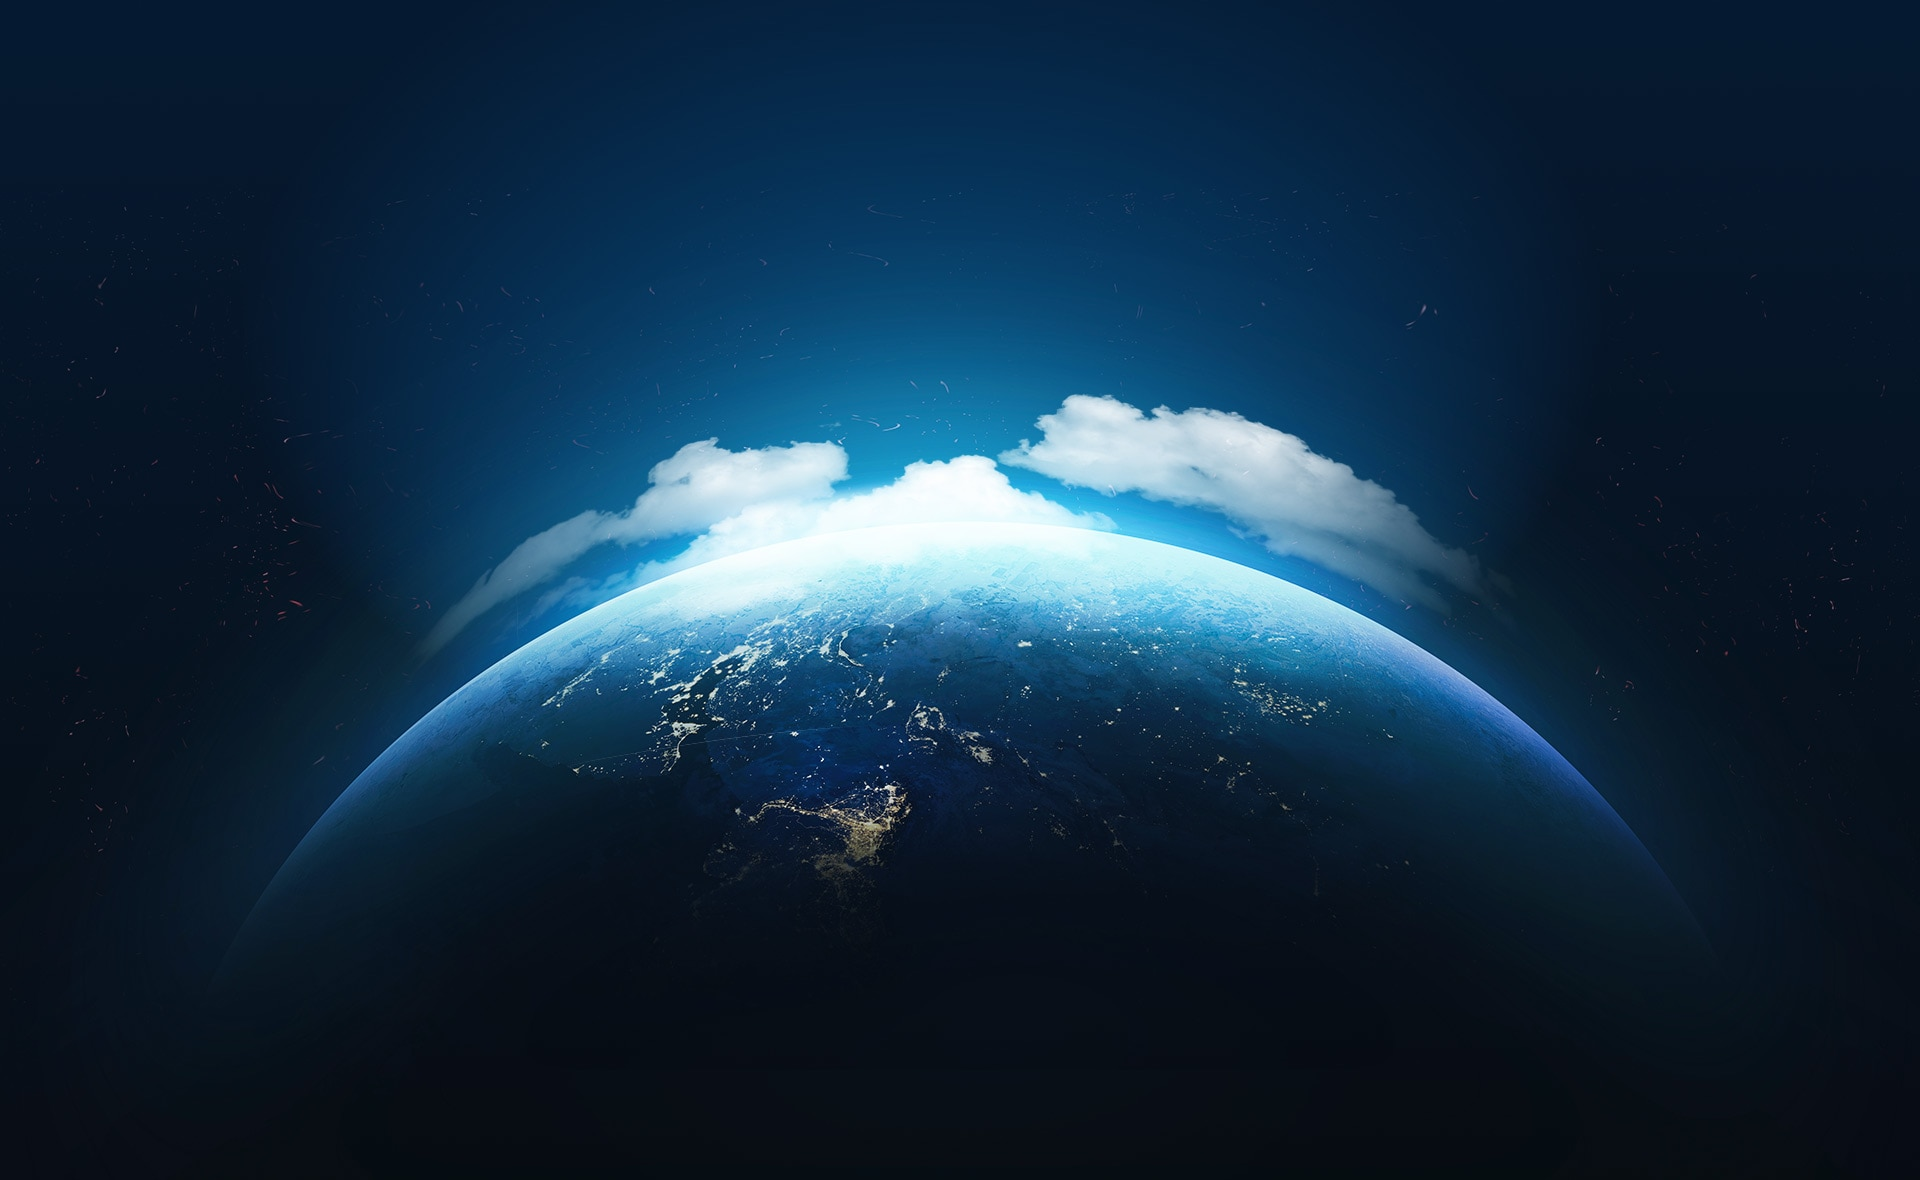 protocolo-Kioto-sostenibilidad-planeta-tierra-mediaombiente-cuidado-proteccion